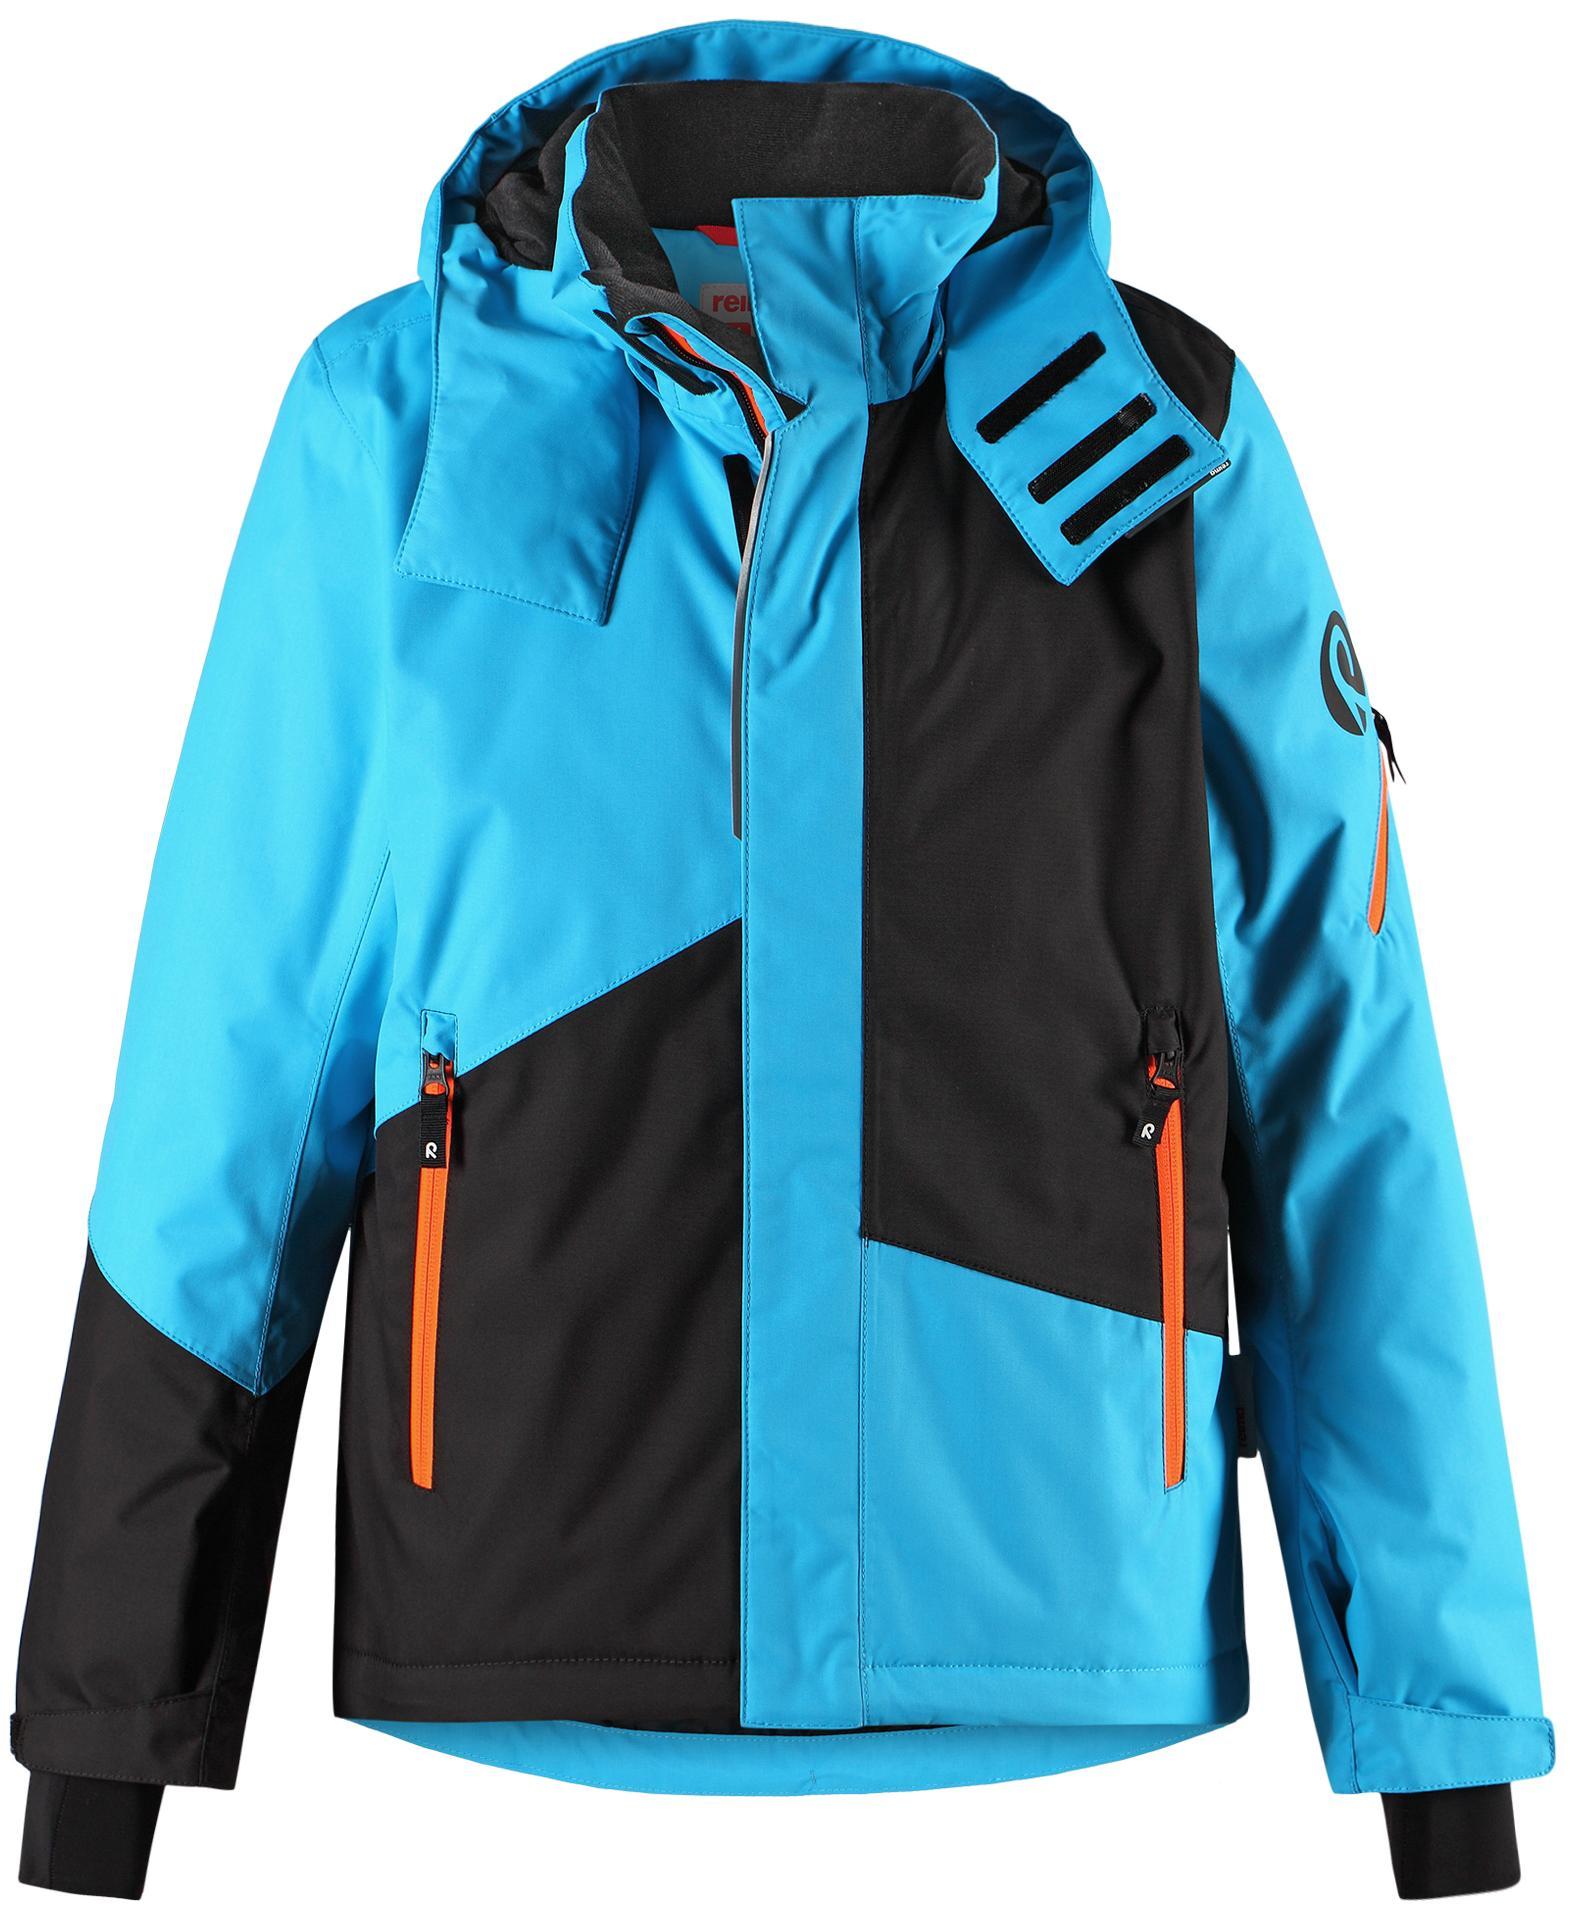 Купить Куртка горнолыжная Reima 2018-19 Taganay TURQUOISE